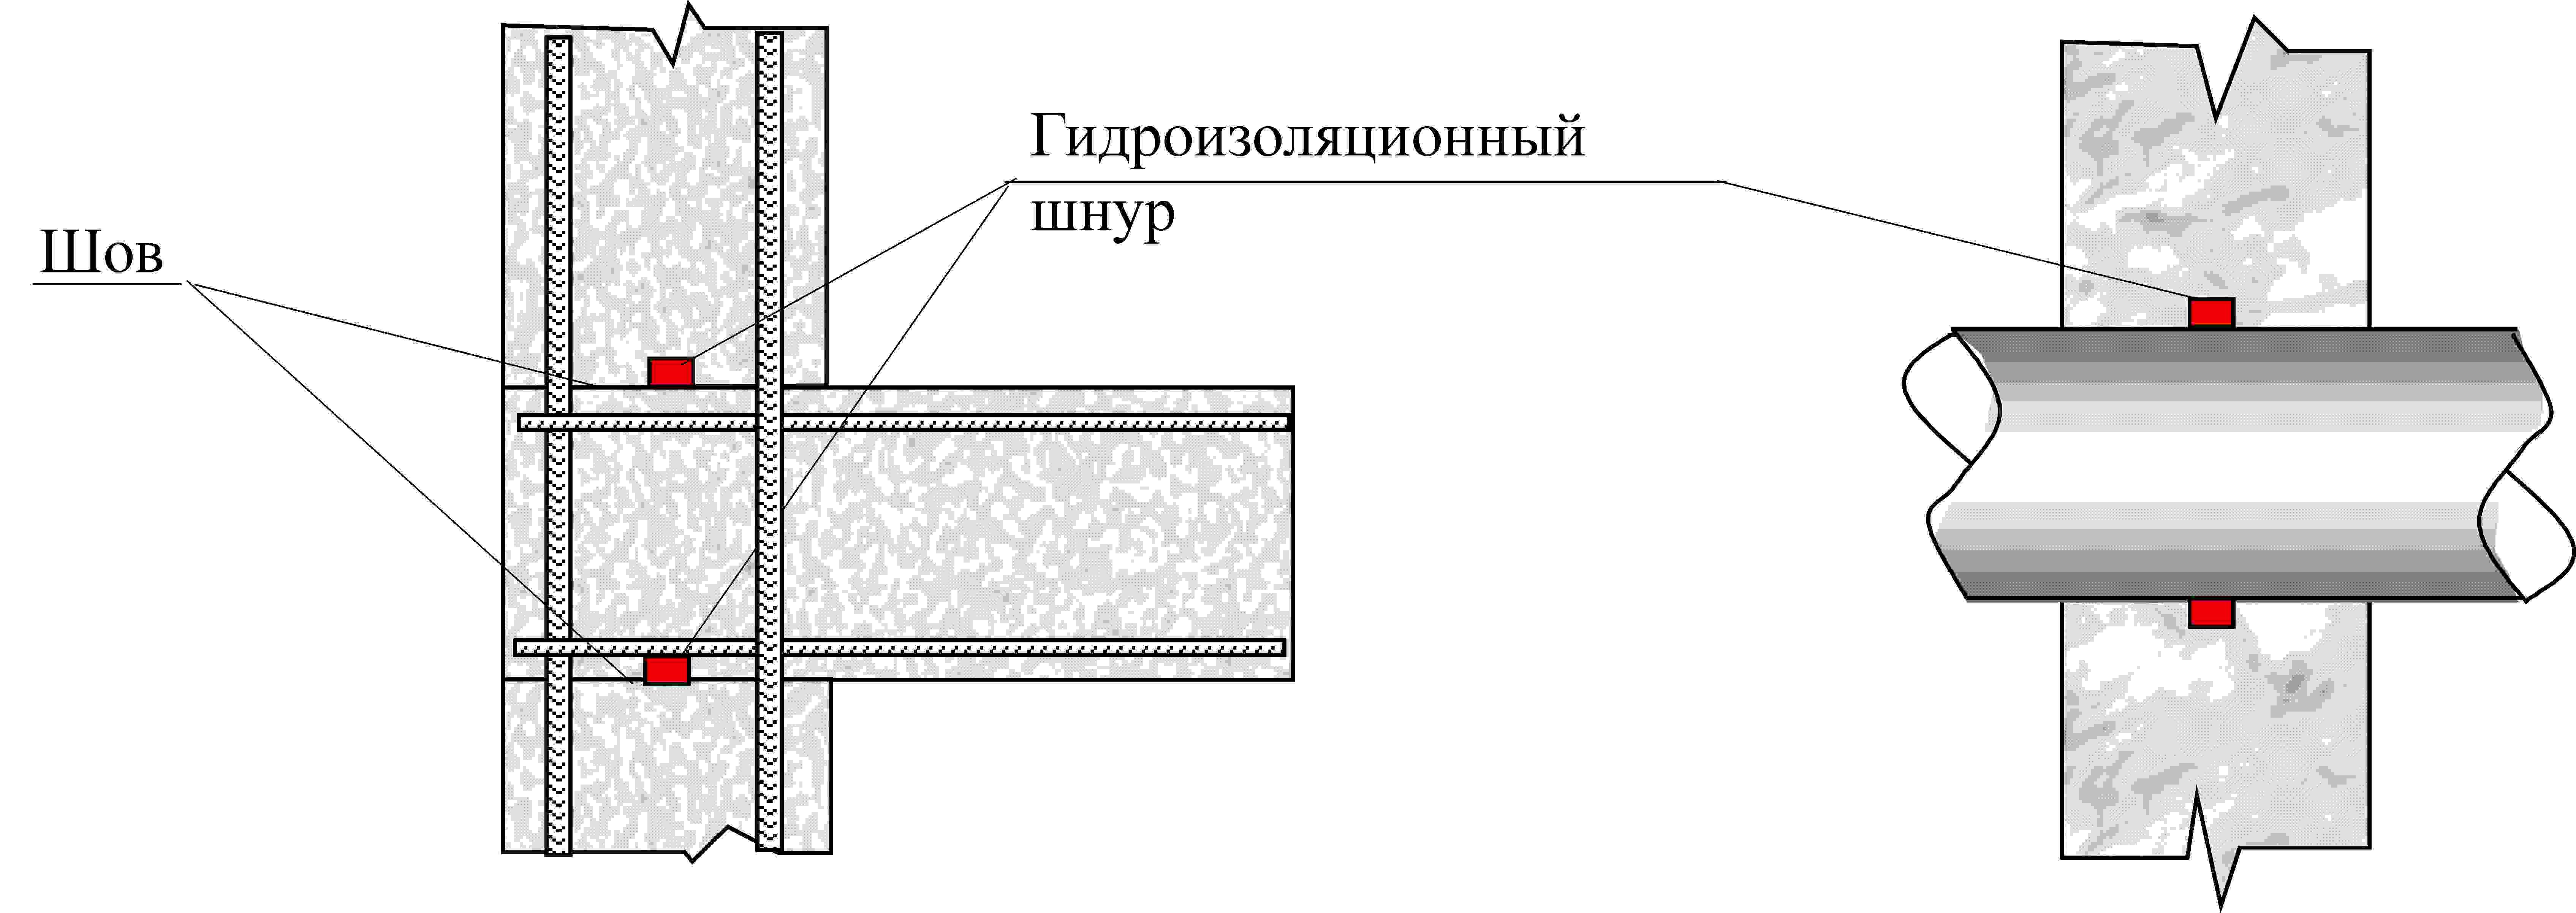 Гидроизоляционный шнур.